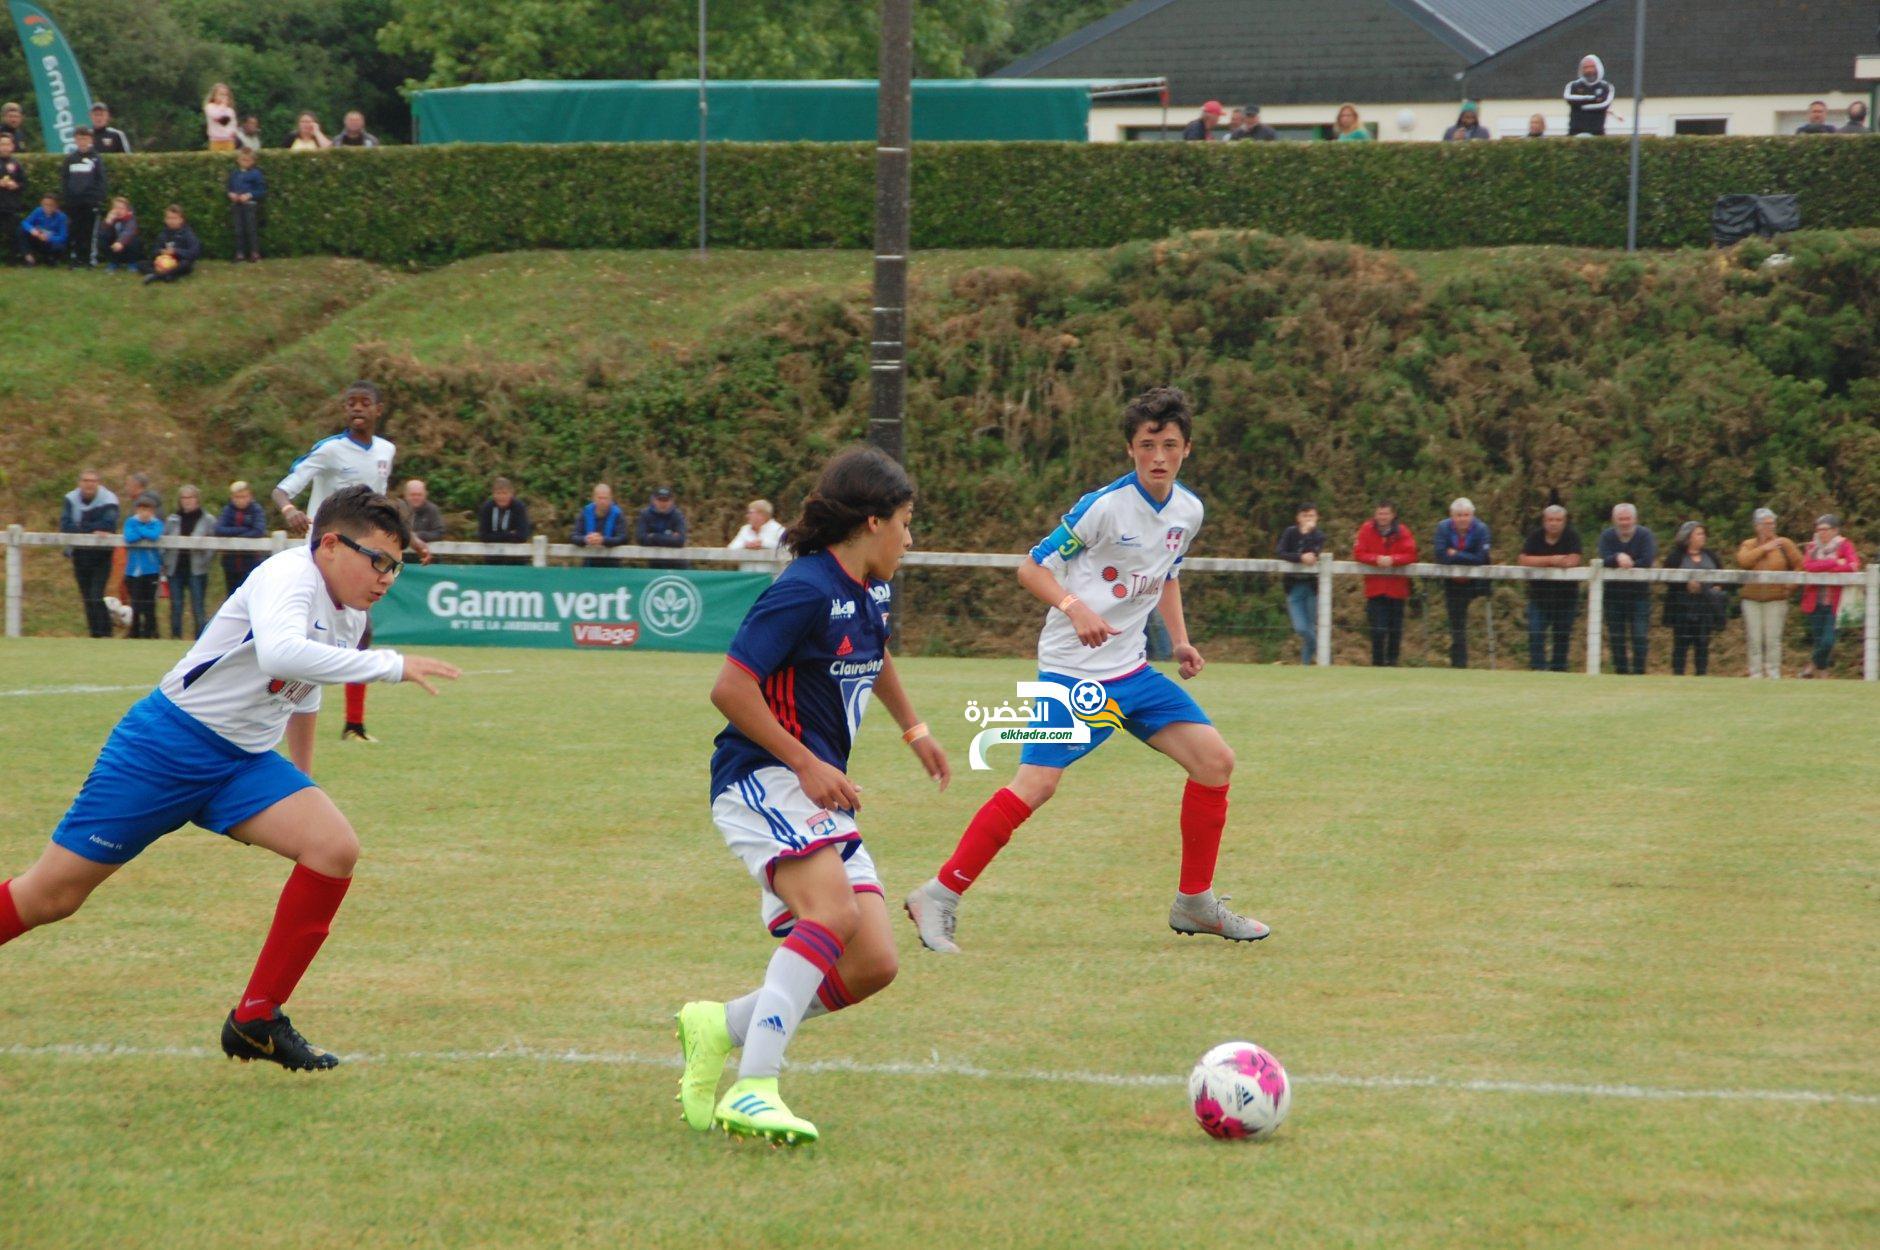 موهبة جزائرية تسجل 16 هدف في دورة دولية بفرنسا ! 30